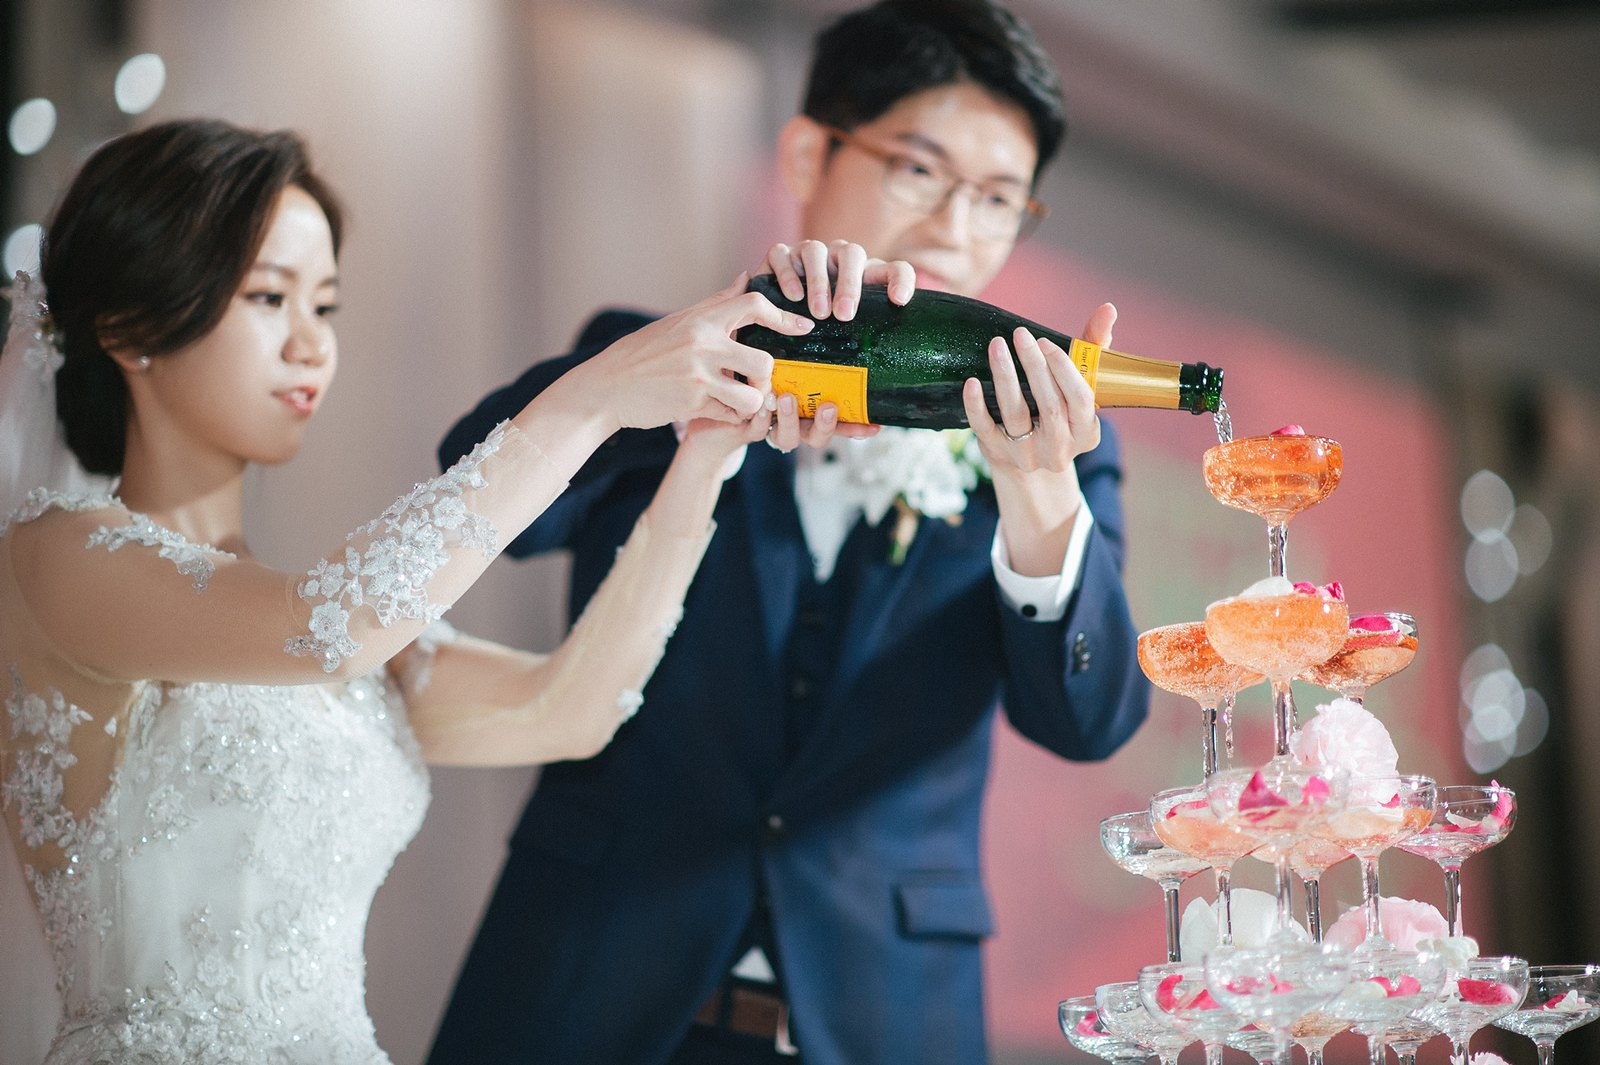 【婚攝】Joseph & Joanna / 香格里拉台北遠東國際大飯店 - Shangri-La Hotel